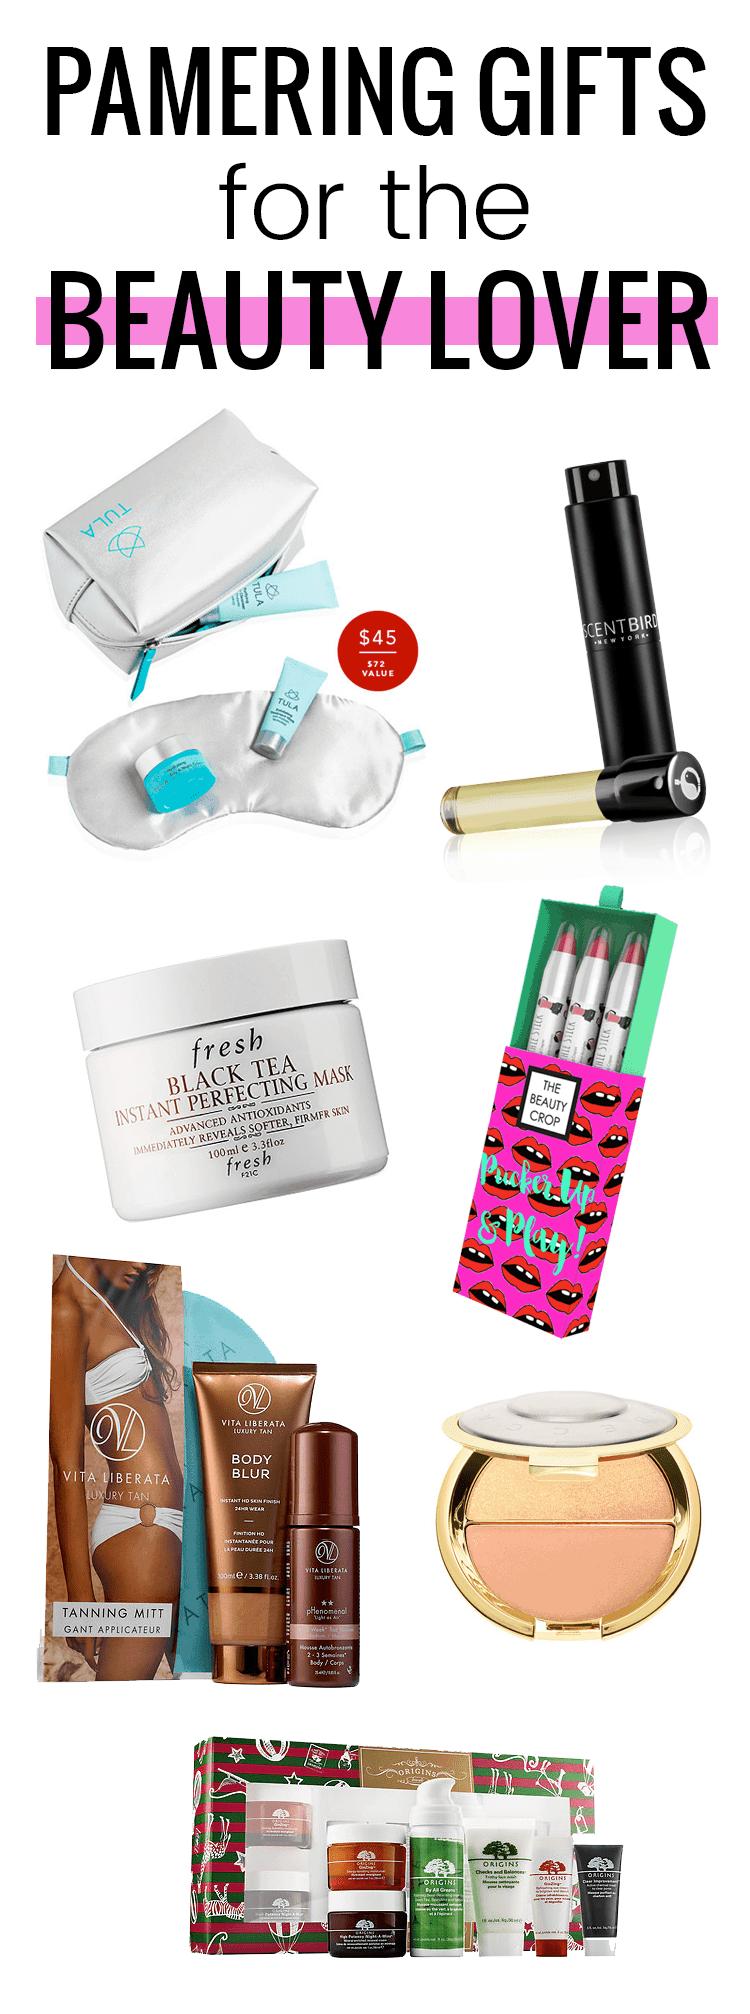 Beauty gift ideas any beauty lover will love!